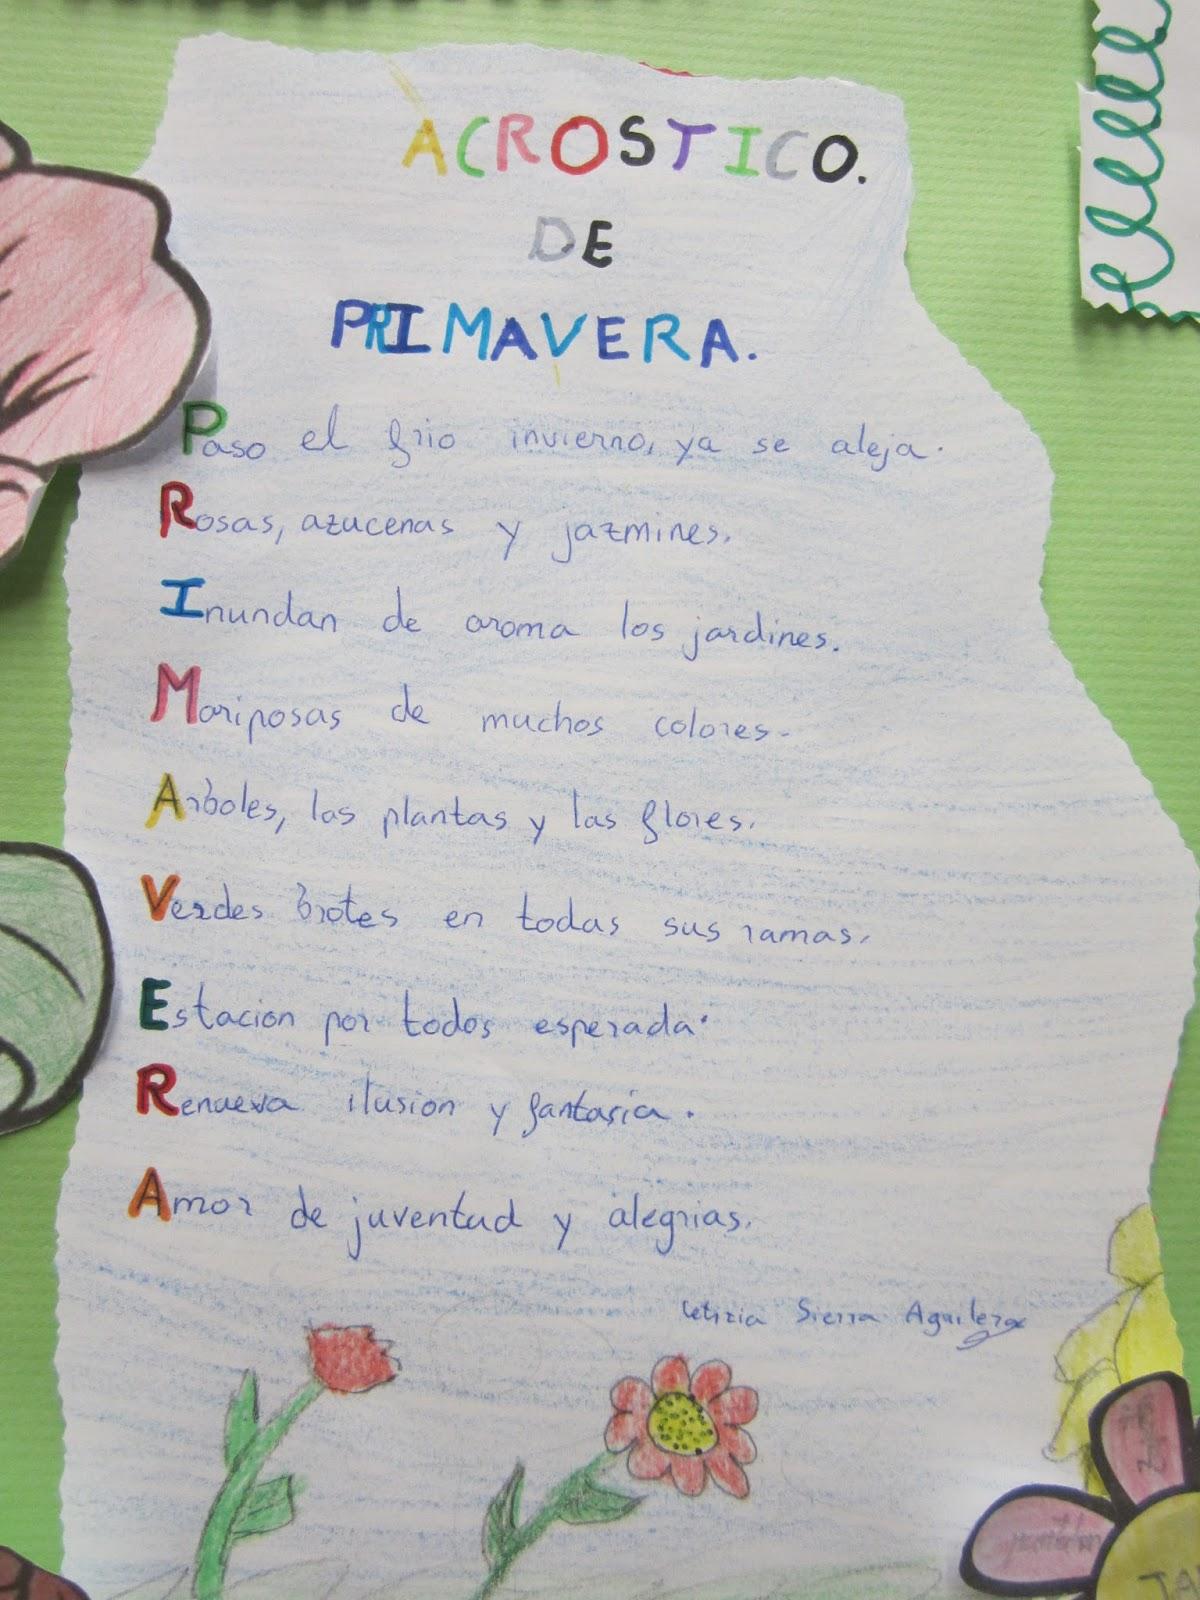 Hermosa Plantilla Acróstica Fotos - Ejemplo De Colección De ...